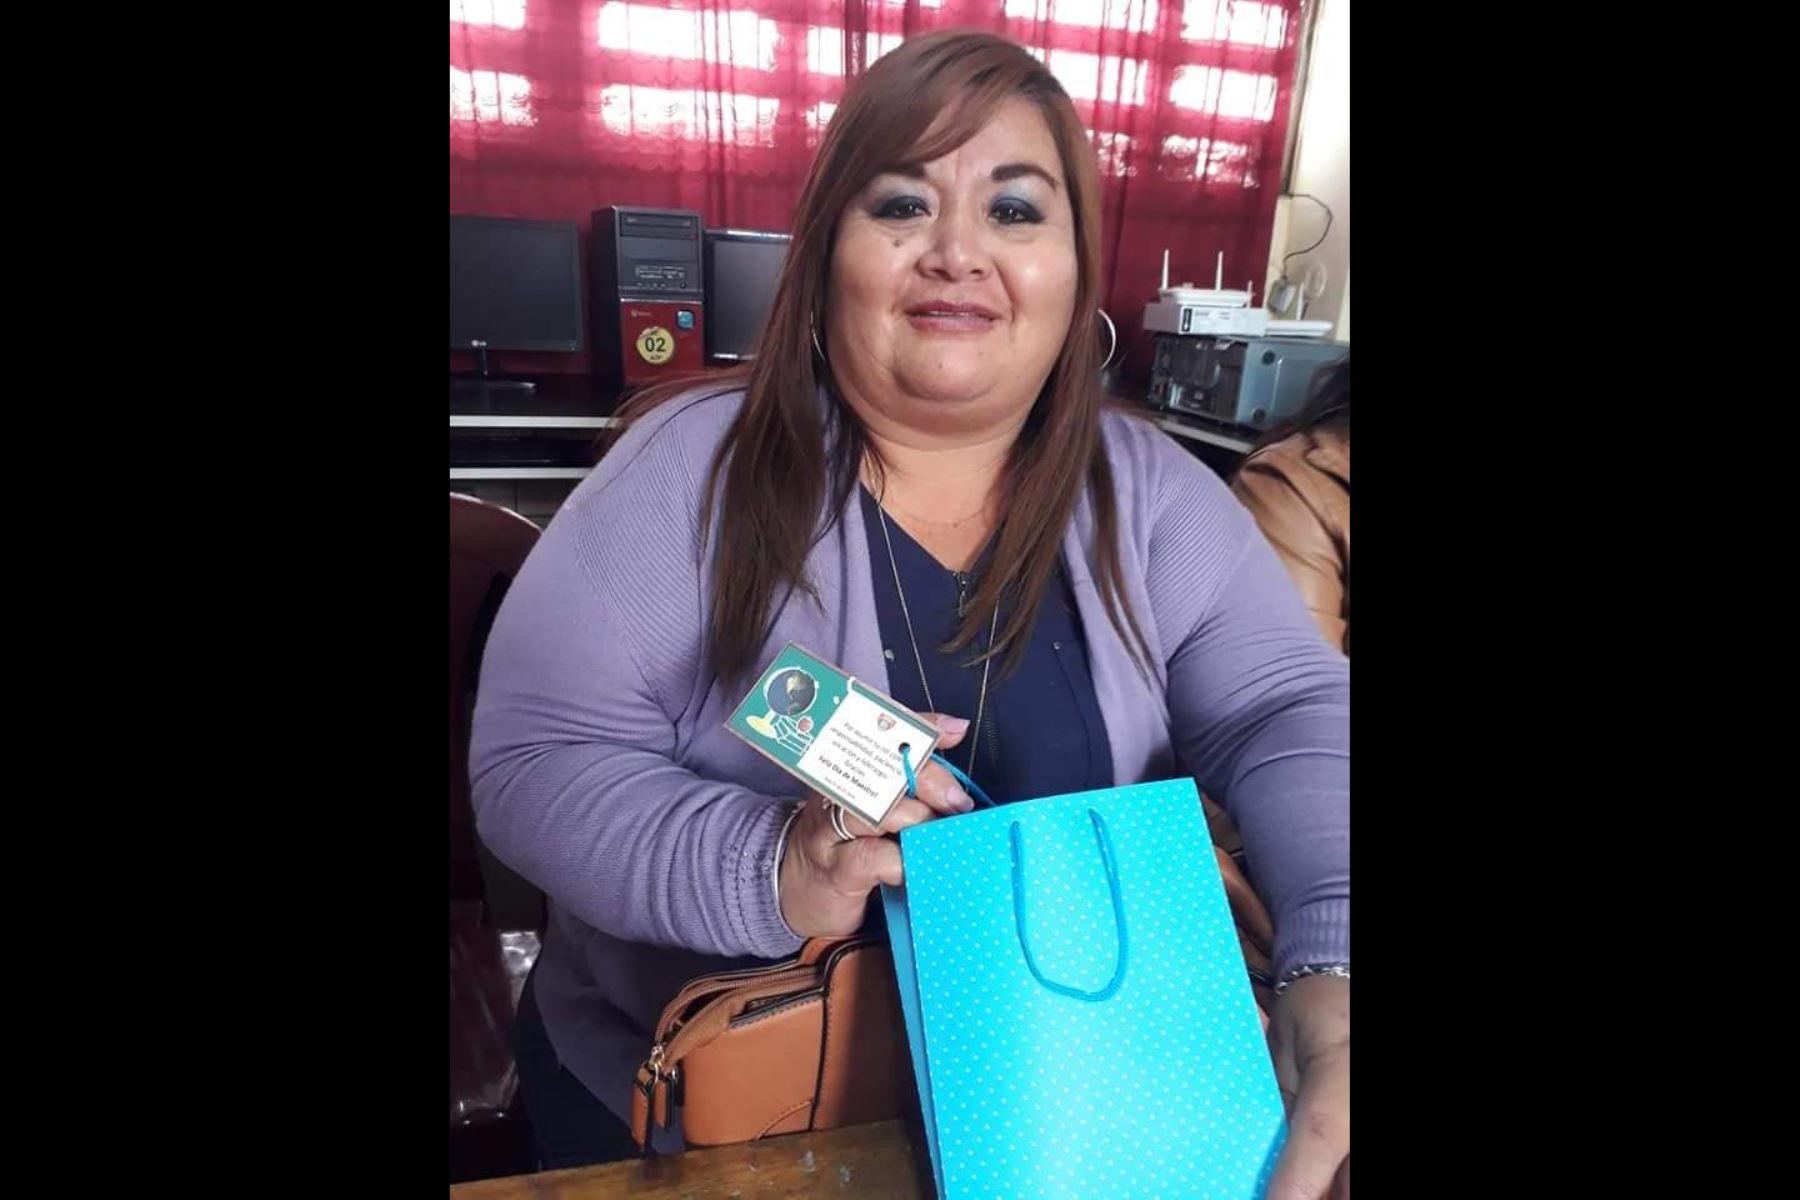 La docente Sonia Margot Reyes Molina fue sentenciada a un año y ocho meses de prisión condicional por el delito de concusión. Foto: ANDINA/Difusión